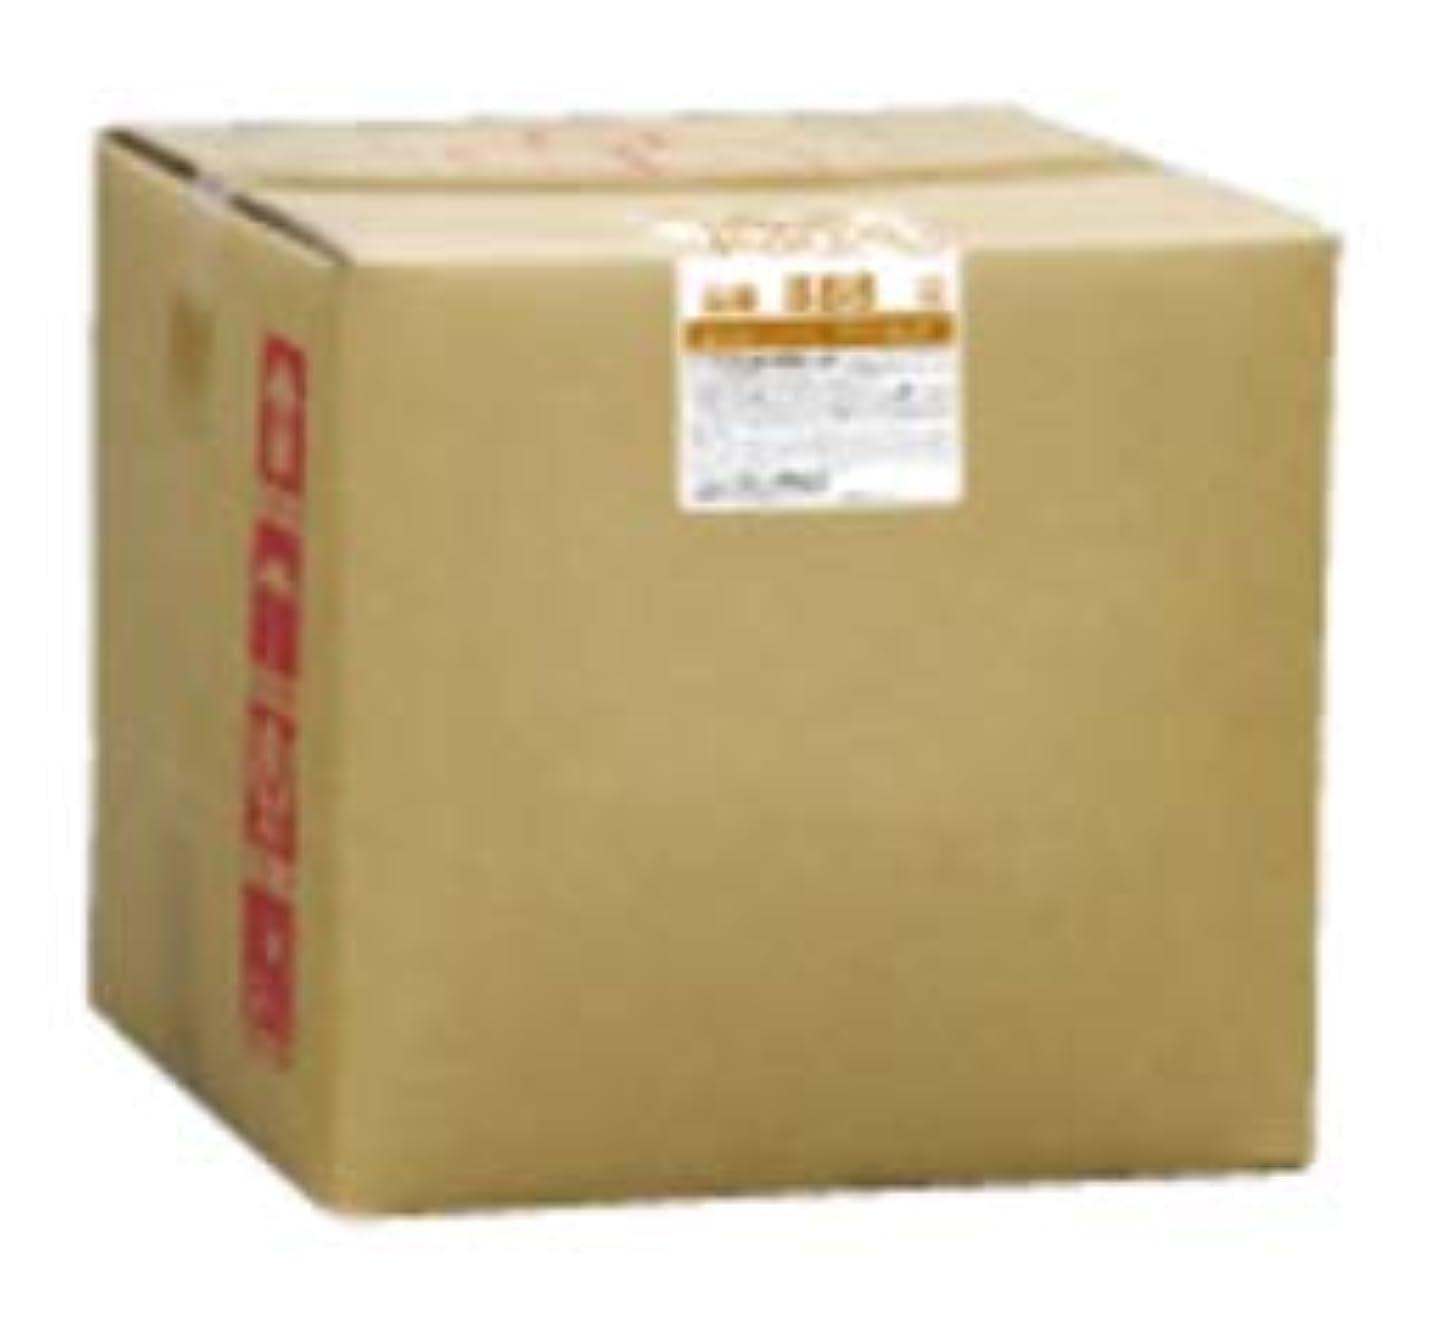 インデックス金貸し運賃フタバ化学 スパジアス ボディソープ 18L 詰め替え 800ml専用空容器付 黒糖と蜂蜜